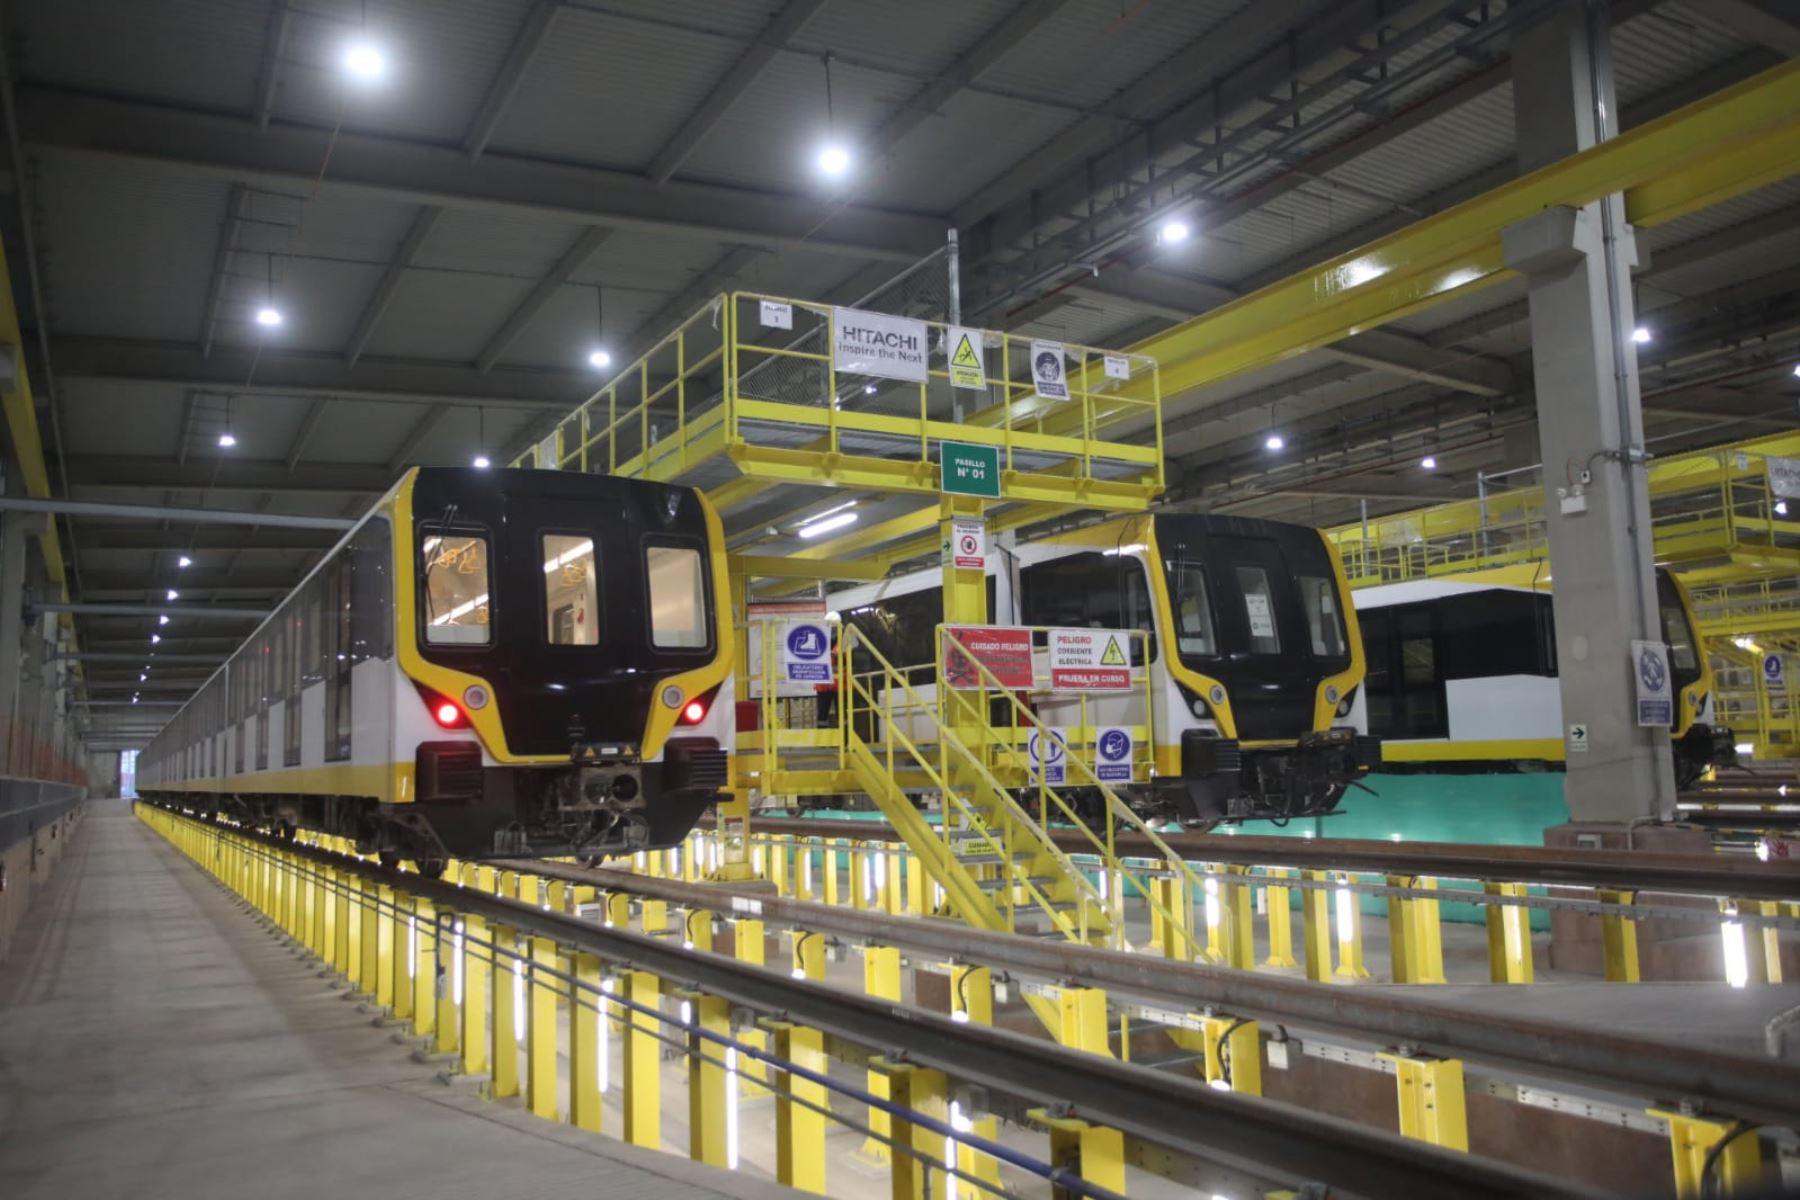 transfieren-s-275-millones-a-sedapal-para-obras-en-la-linea-2-del-metro-de-lima